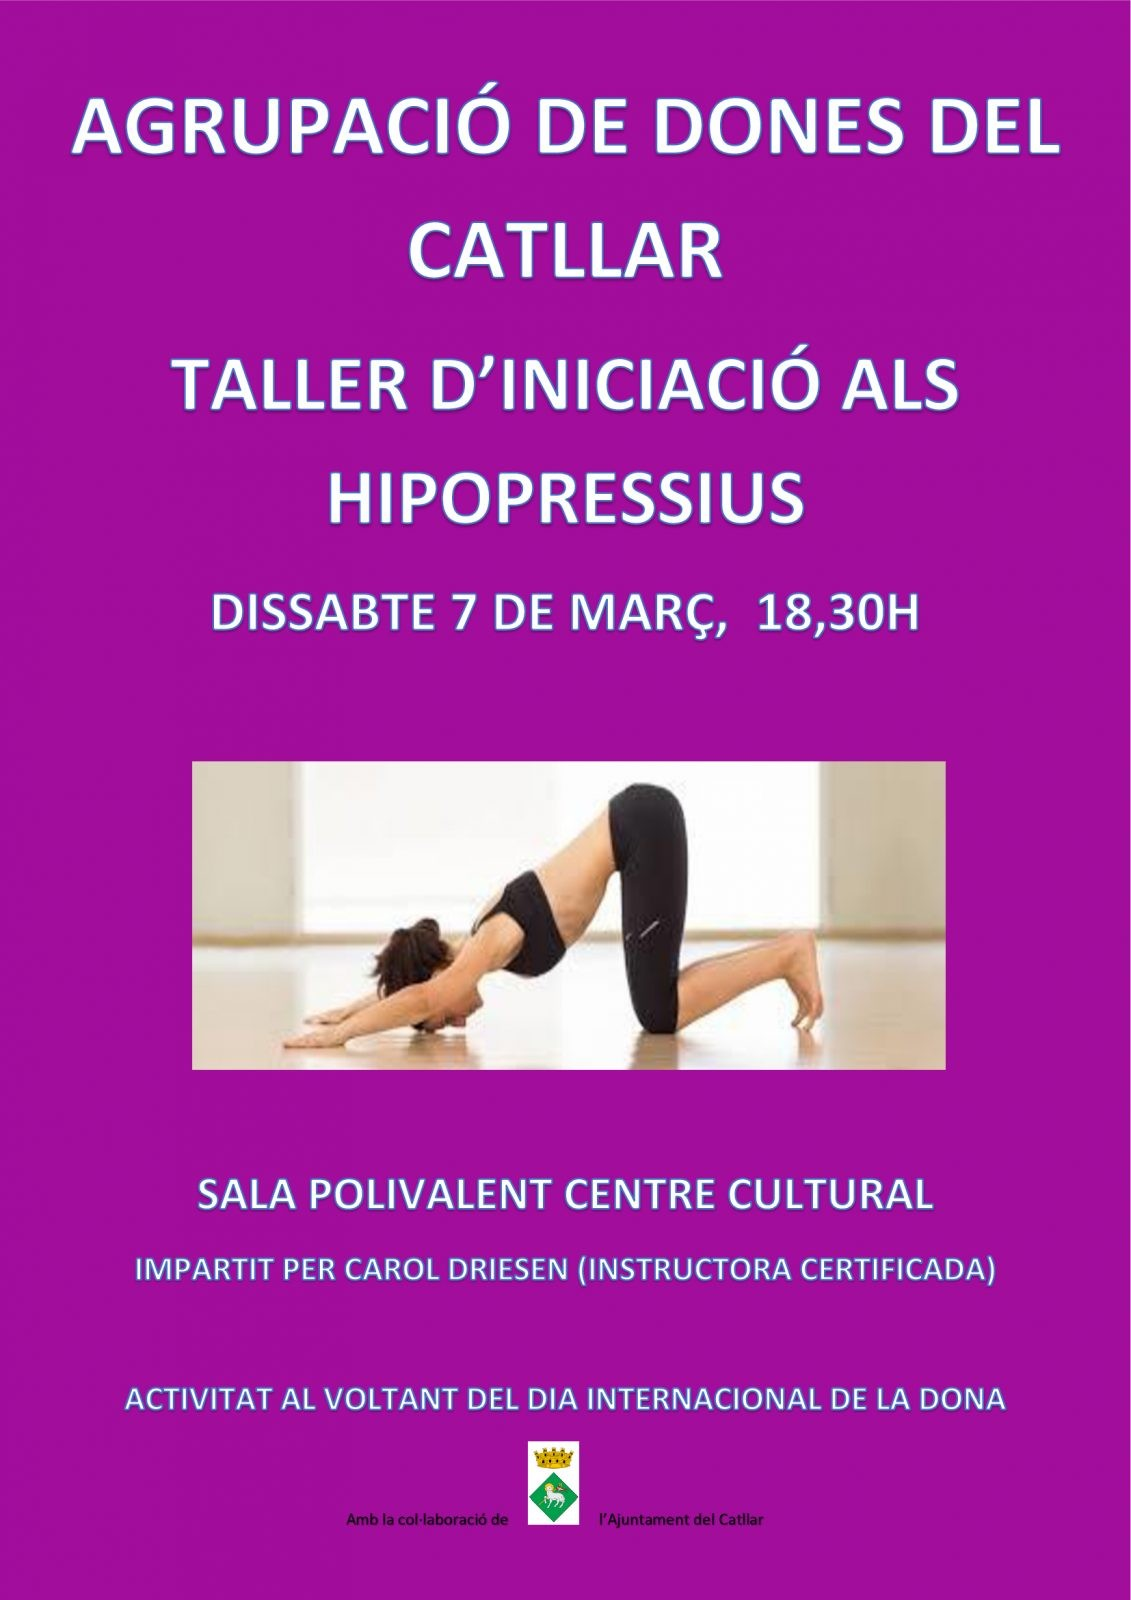 TALLER INICIACIÓ HIPOPRESSIUS